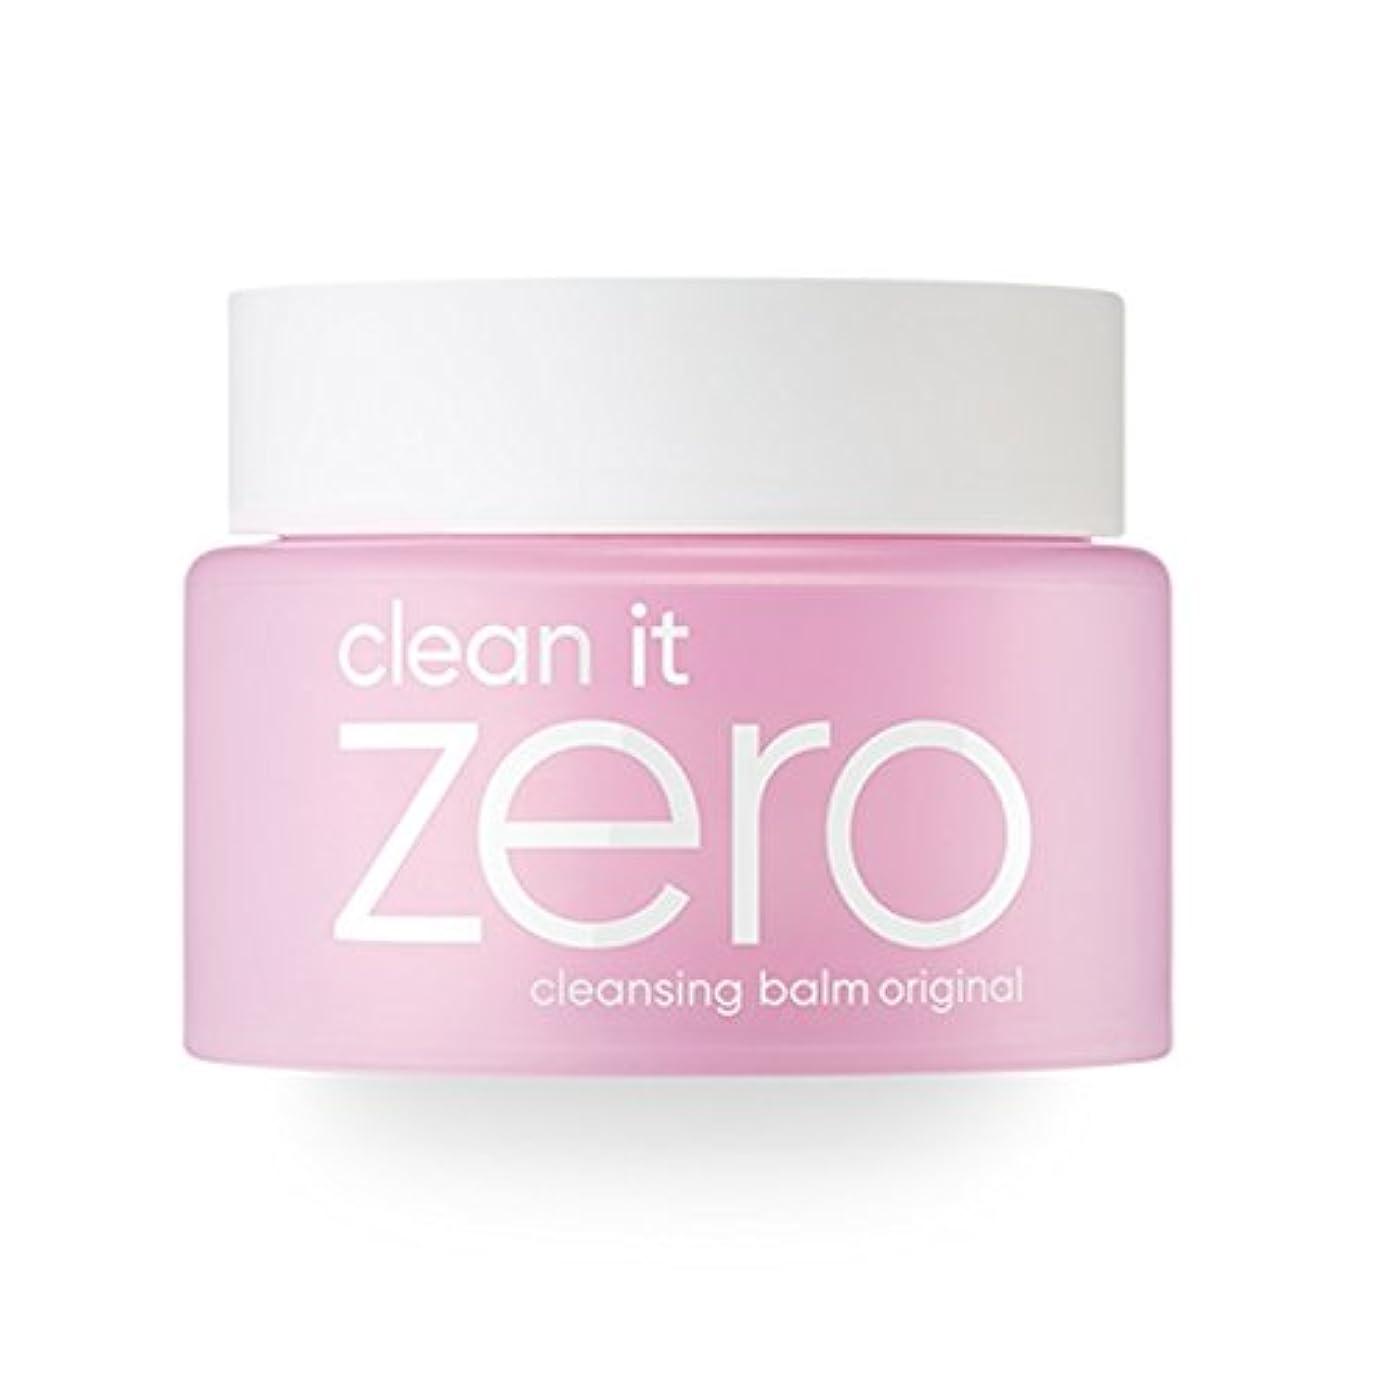 大工それに応じてつかむBanila.co クリーン イット ゼロ クレンジングバーム オリジナル / Clean it Zero Cleansing Balm Original (100ml)